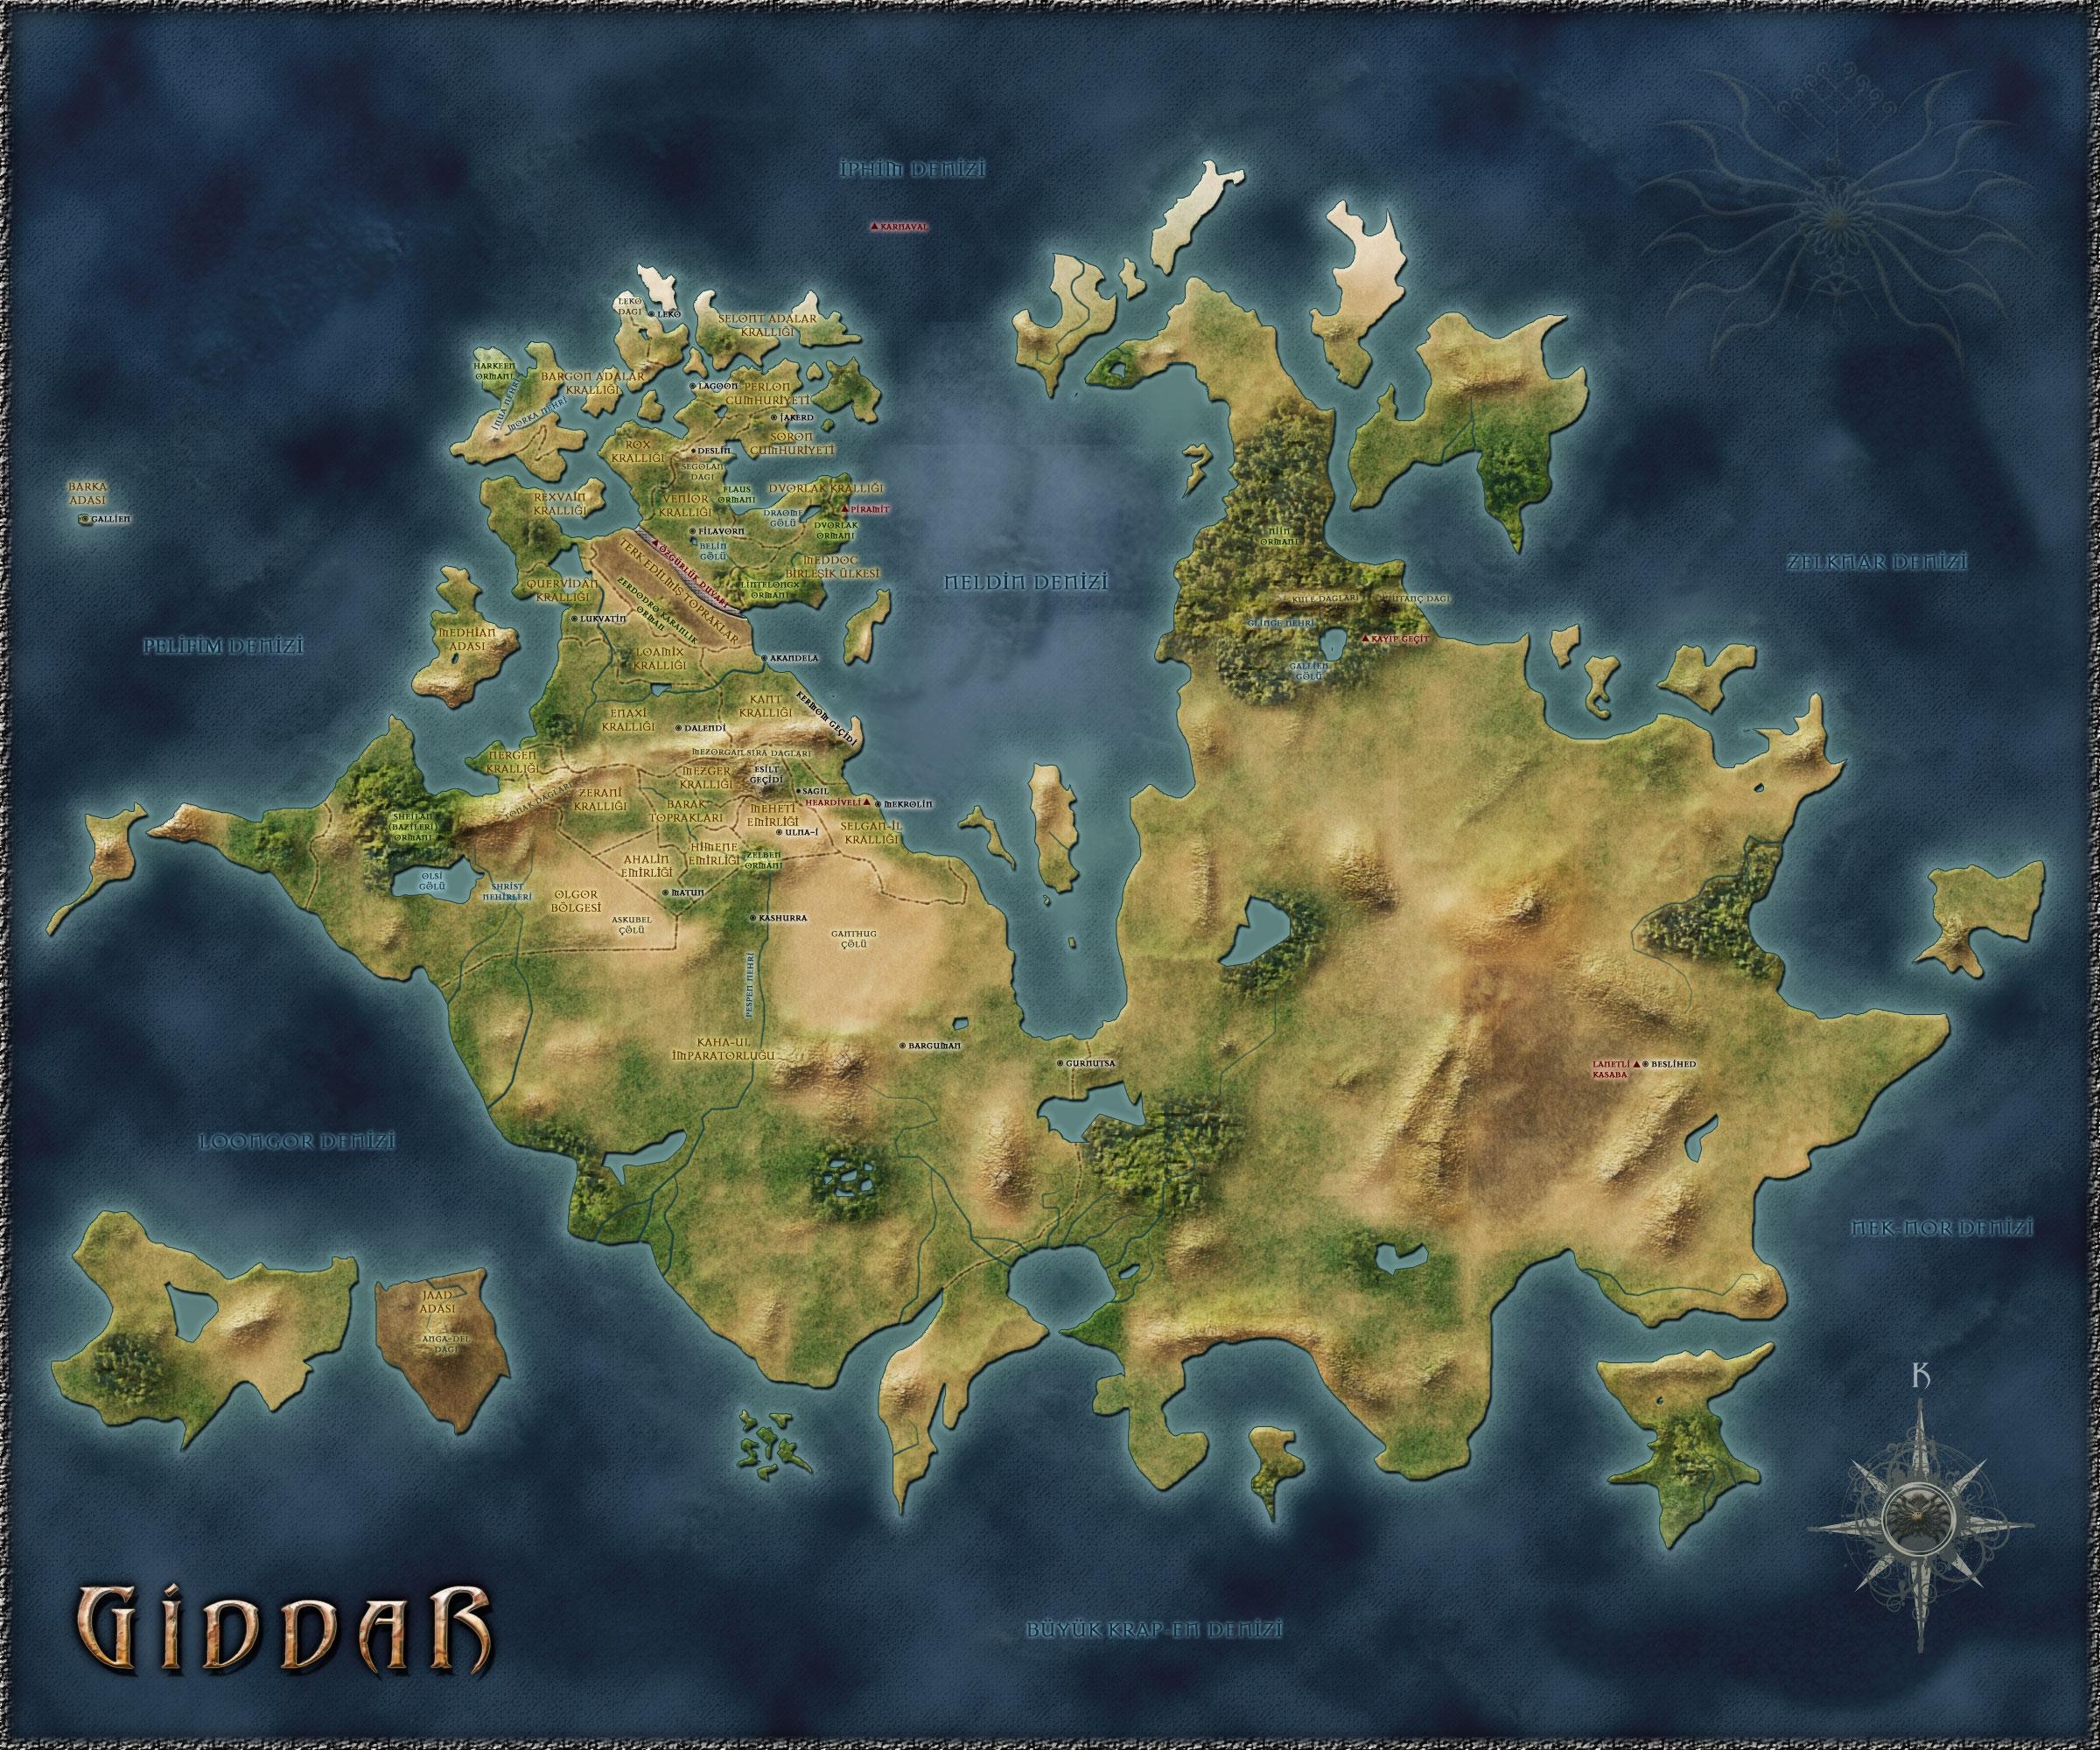 Giddar Haritası